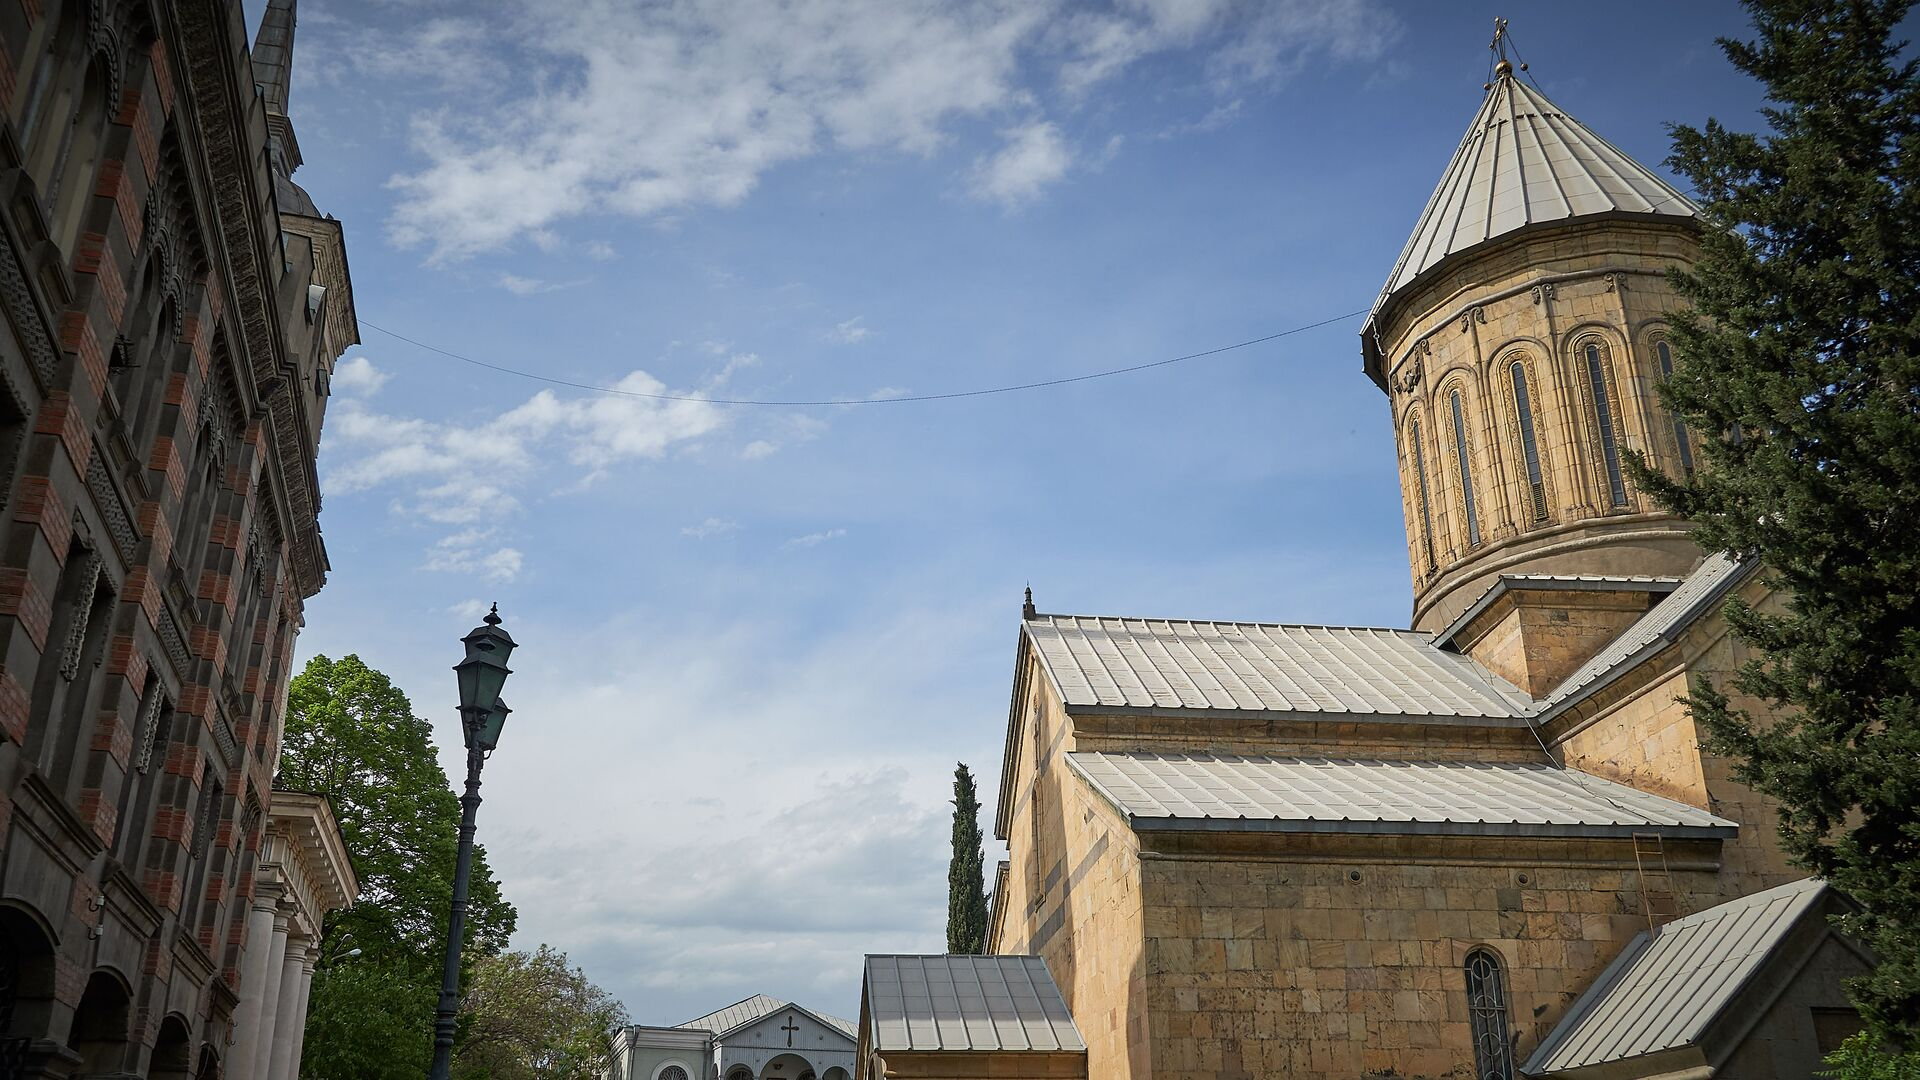 Кафедральный собор Сиони. Виды города Тбилиси - Sputnik Грузия, 1920, 10.10.2021